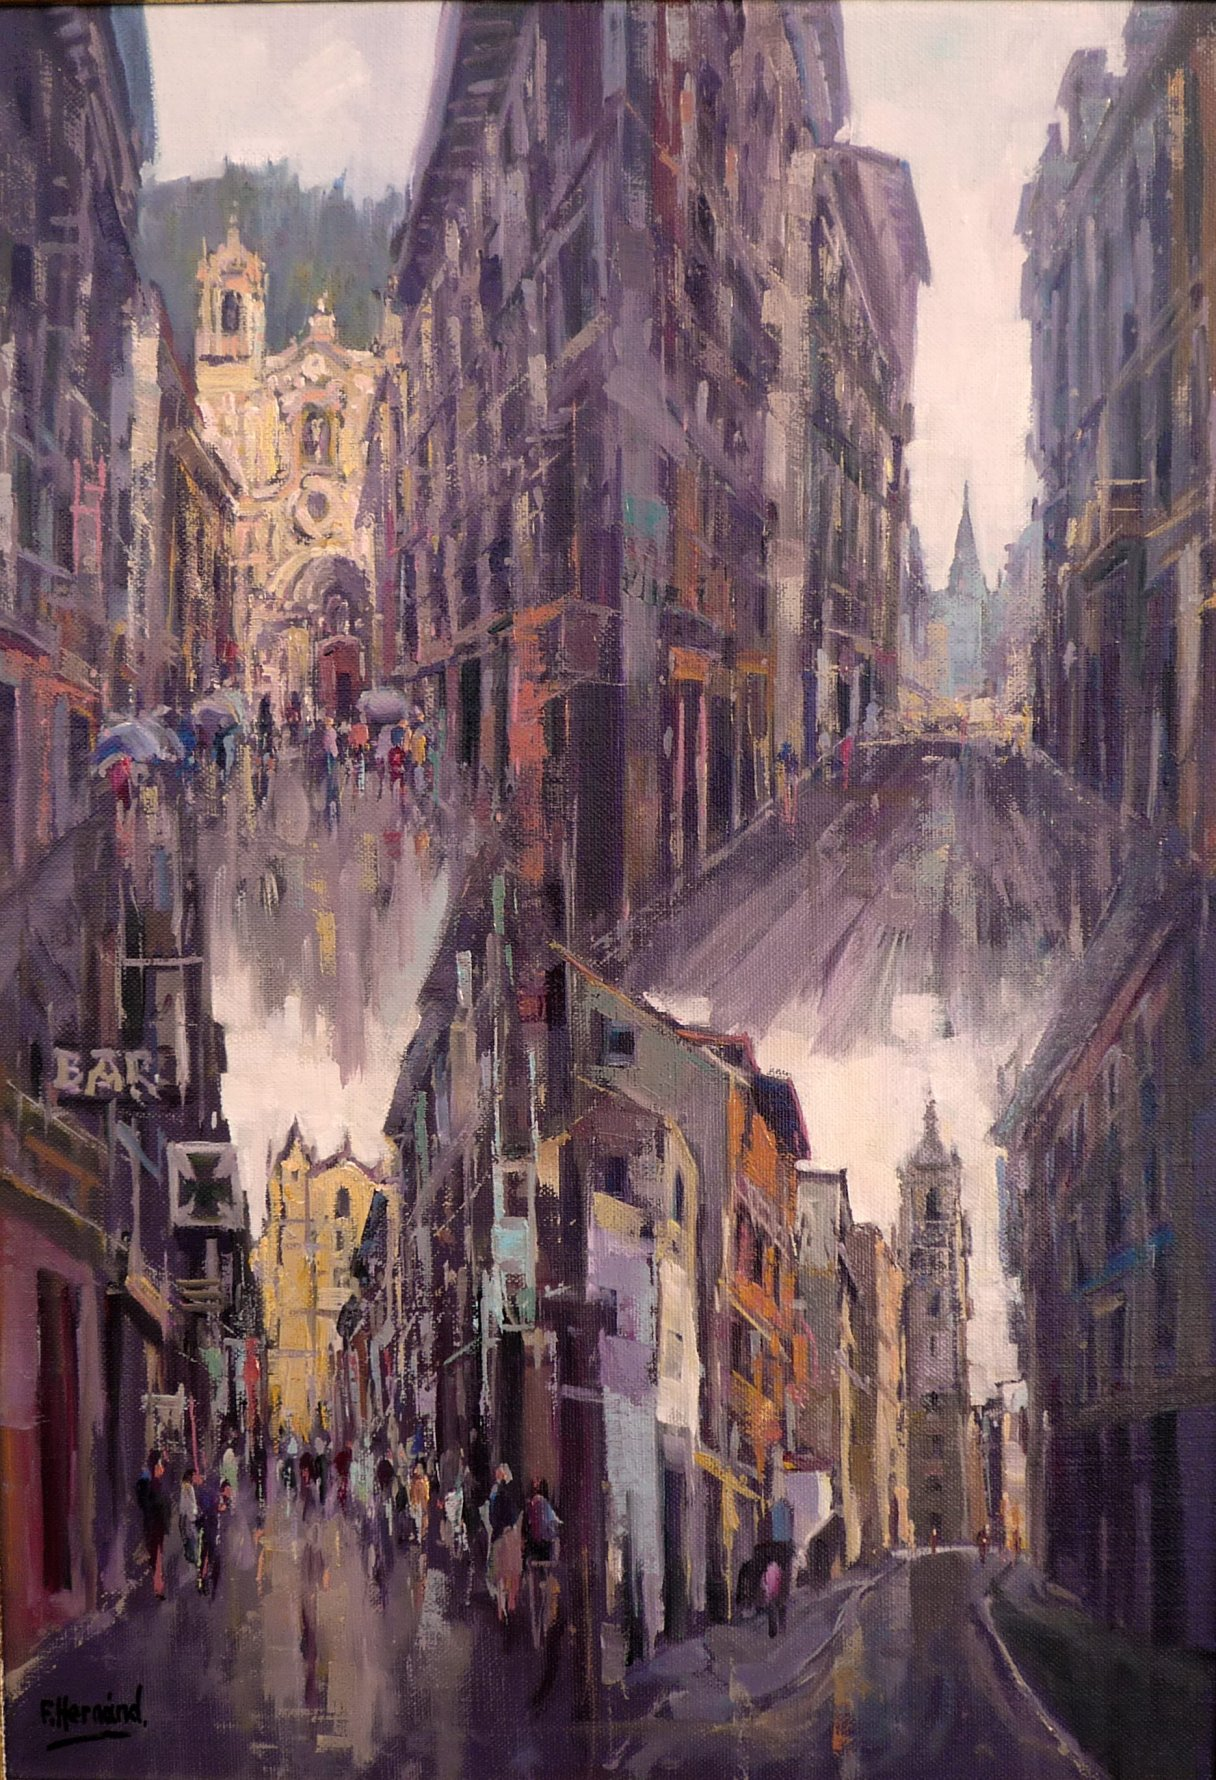 Calles de Donostia (2014) - Francisco Hernández Sánchez